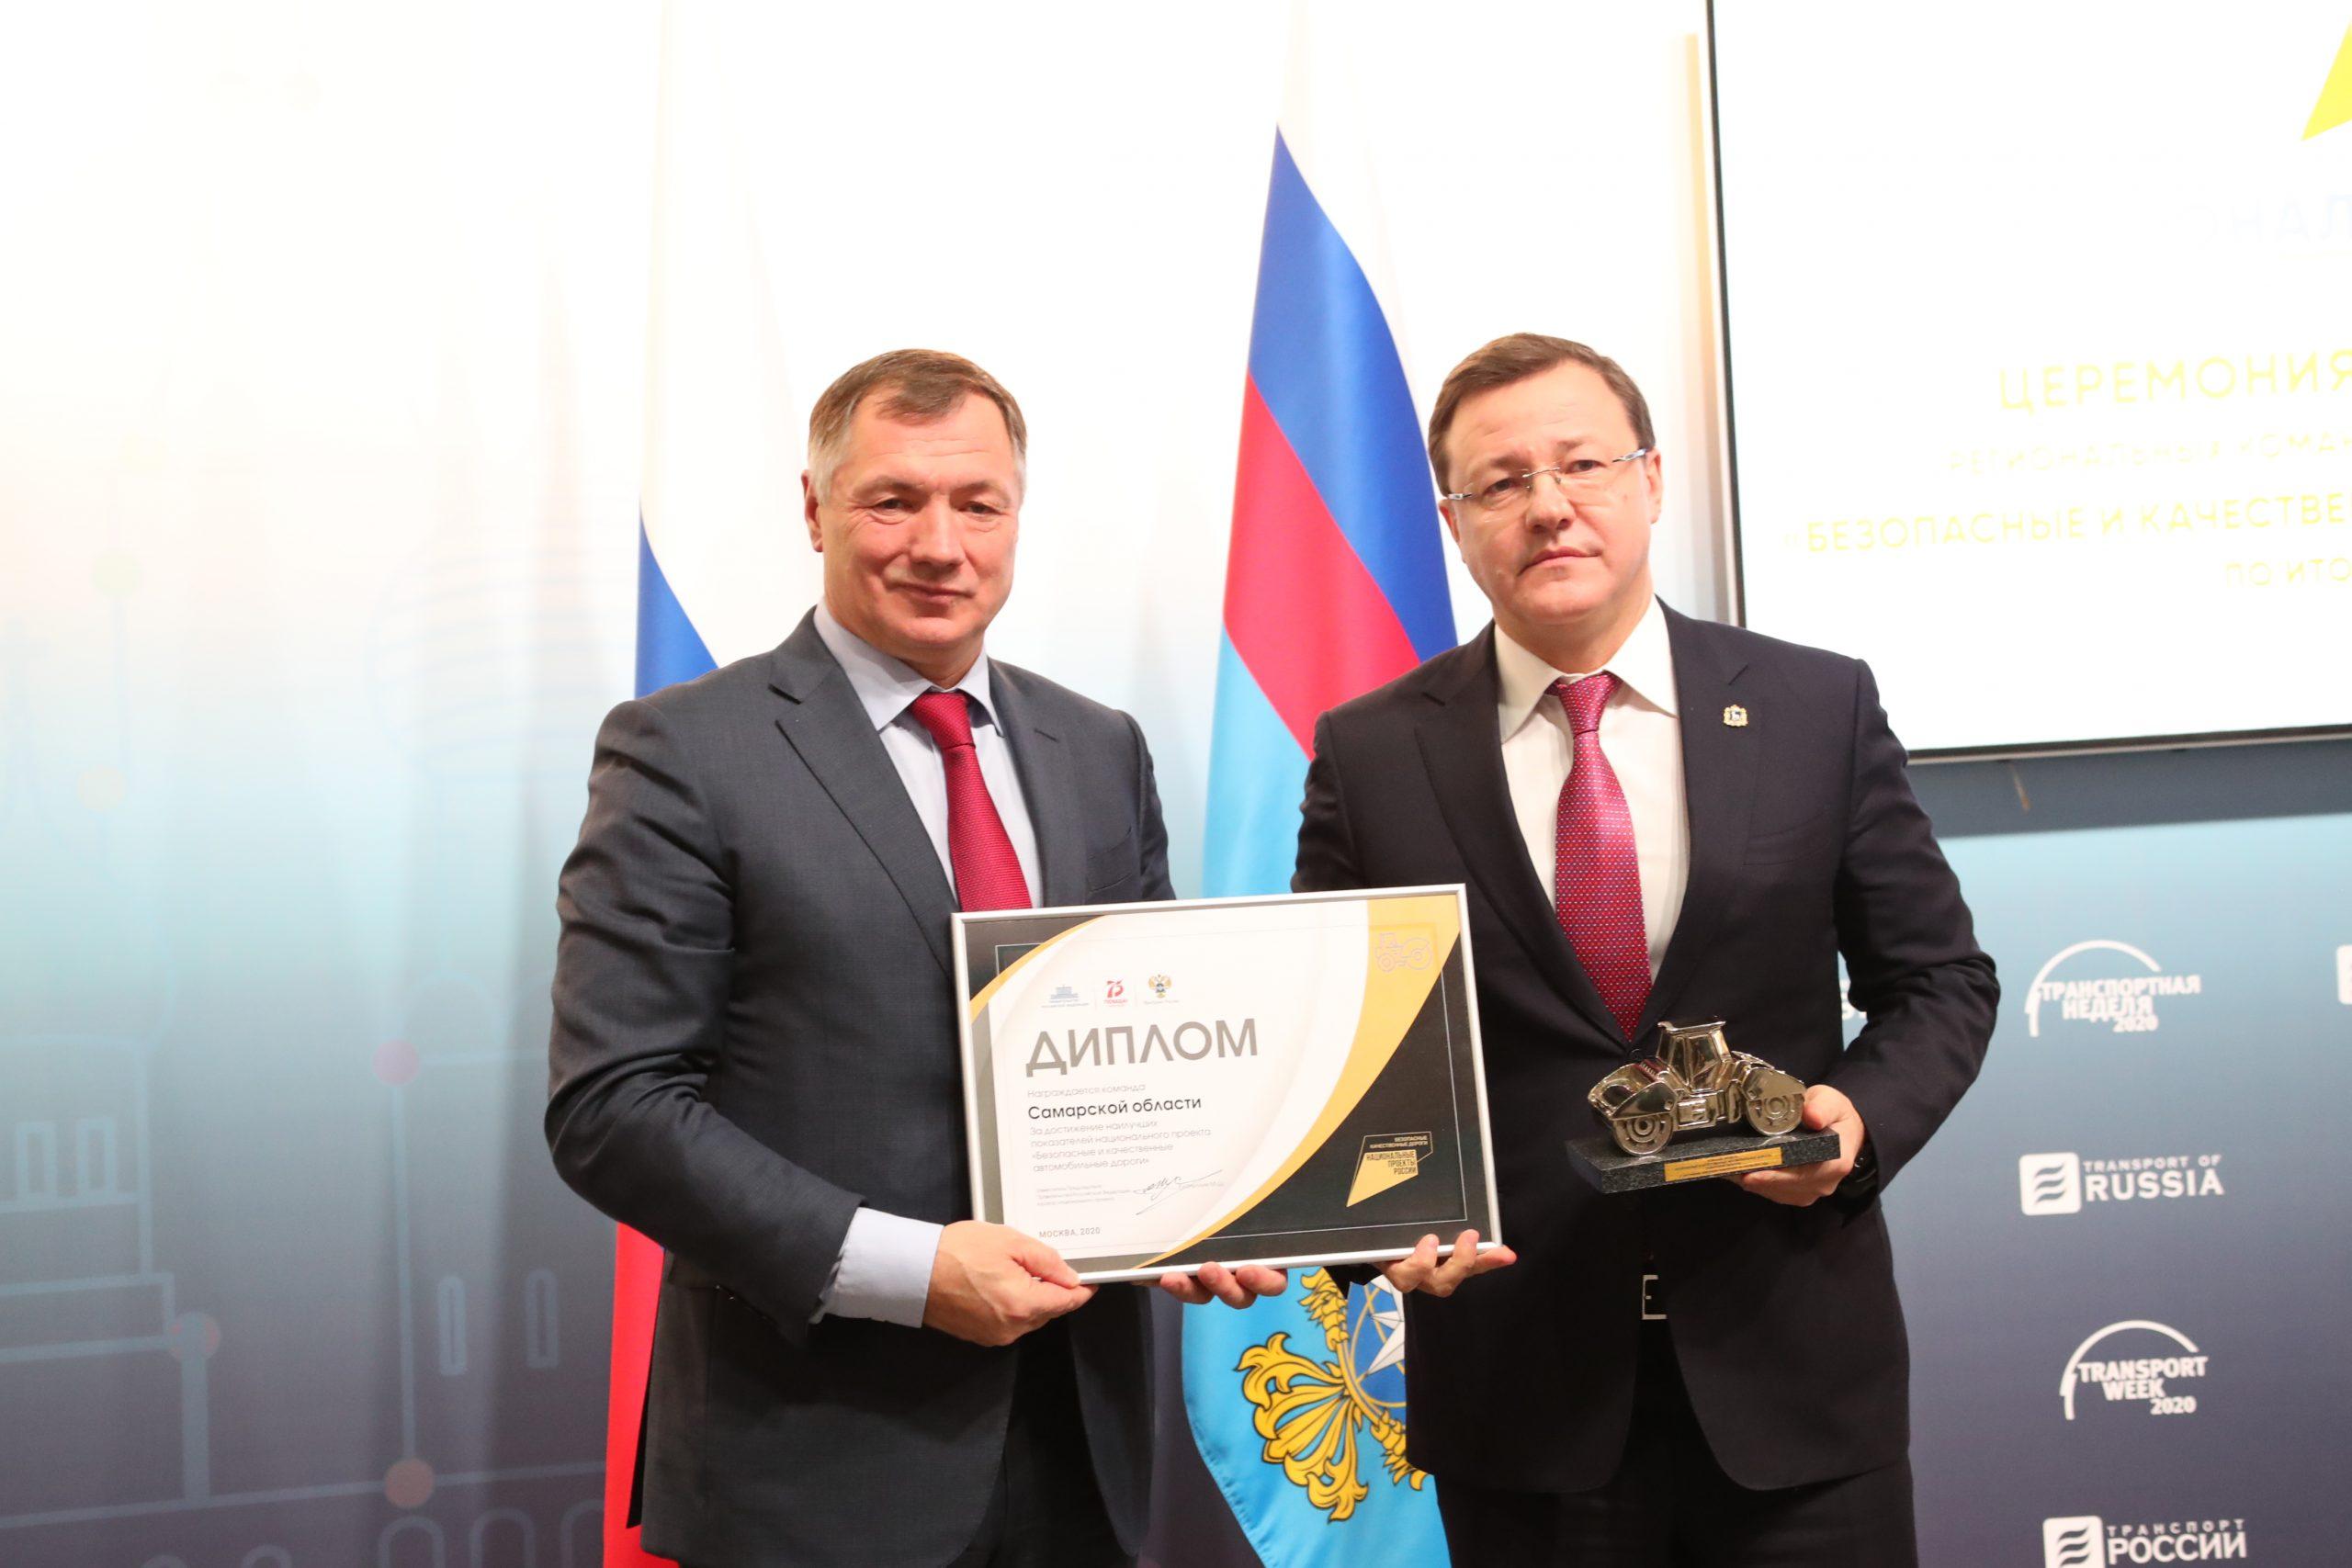 Самарская область в лидерах по качеству реализации нацпроекта «Безопасные и качественные автомобильные дороги»